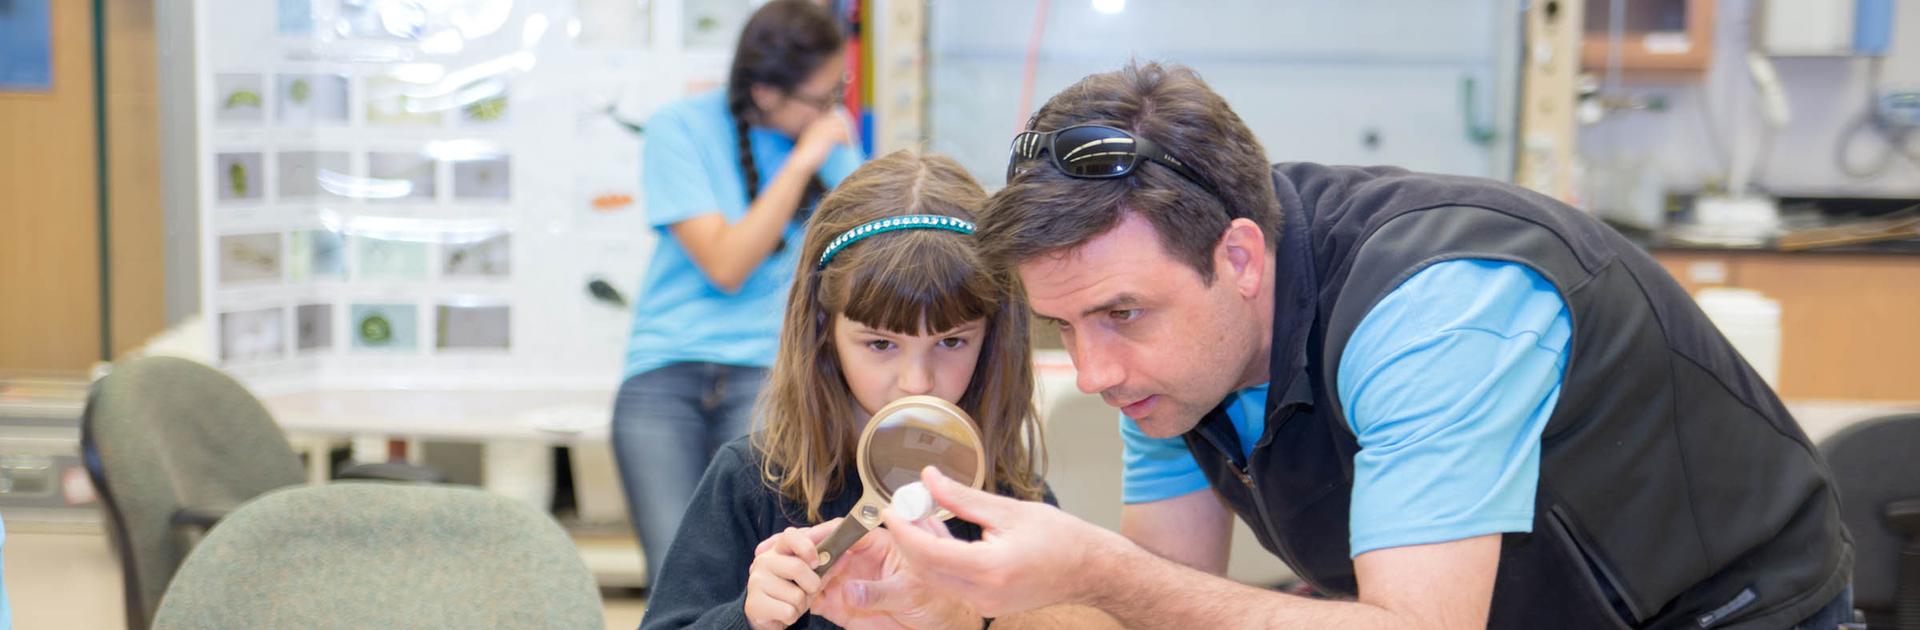 Matt Fitzpatrick helps a little girl examine a sample through a magnifying glass